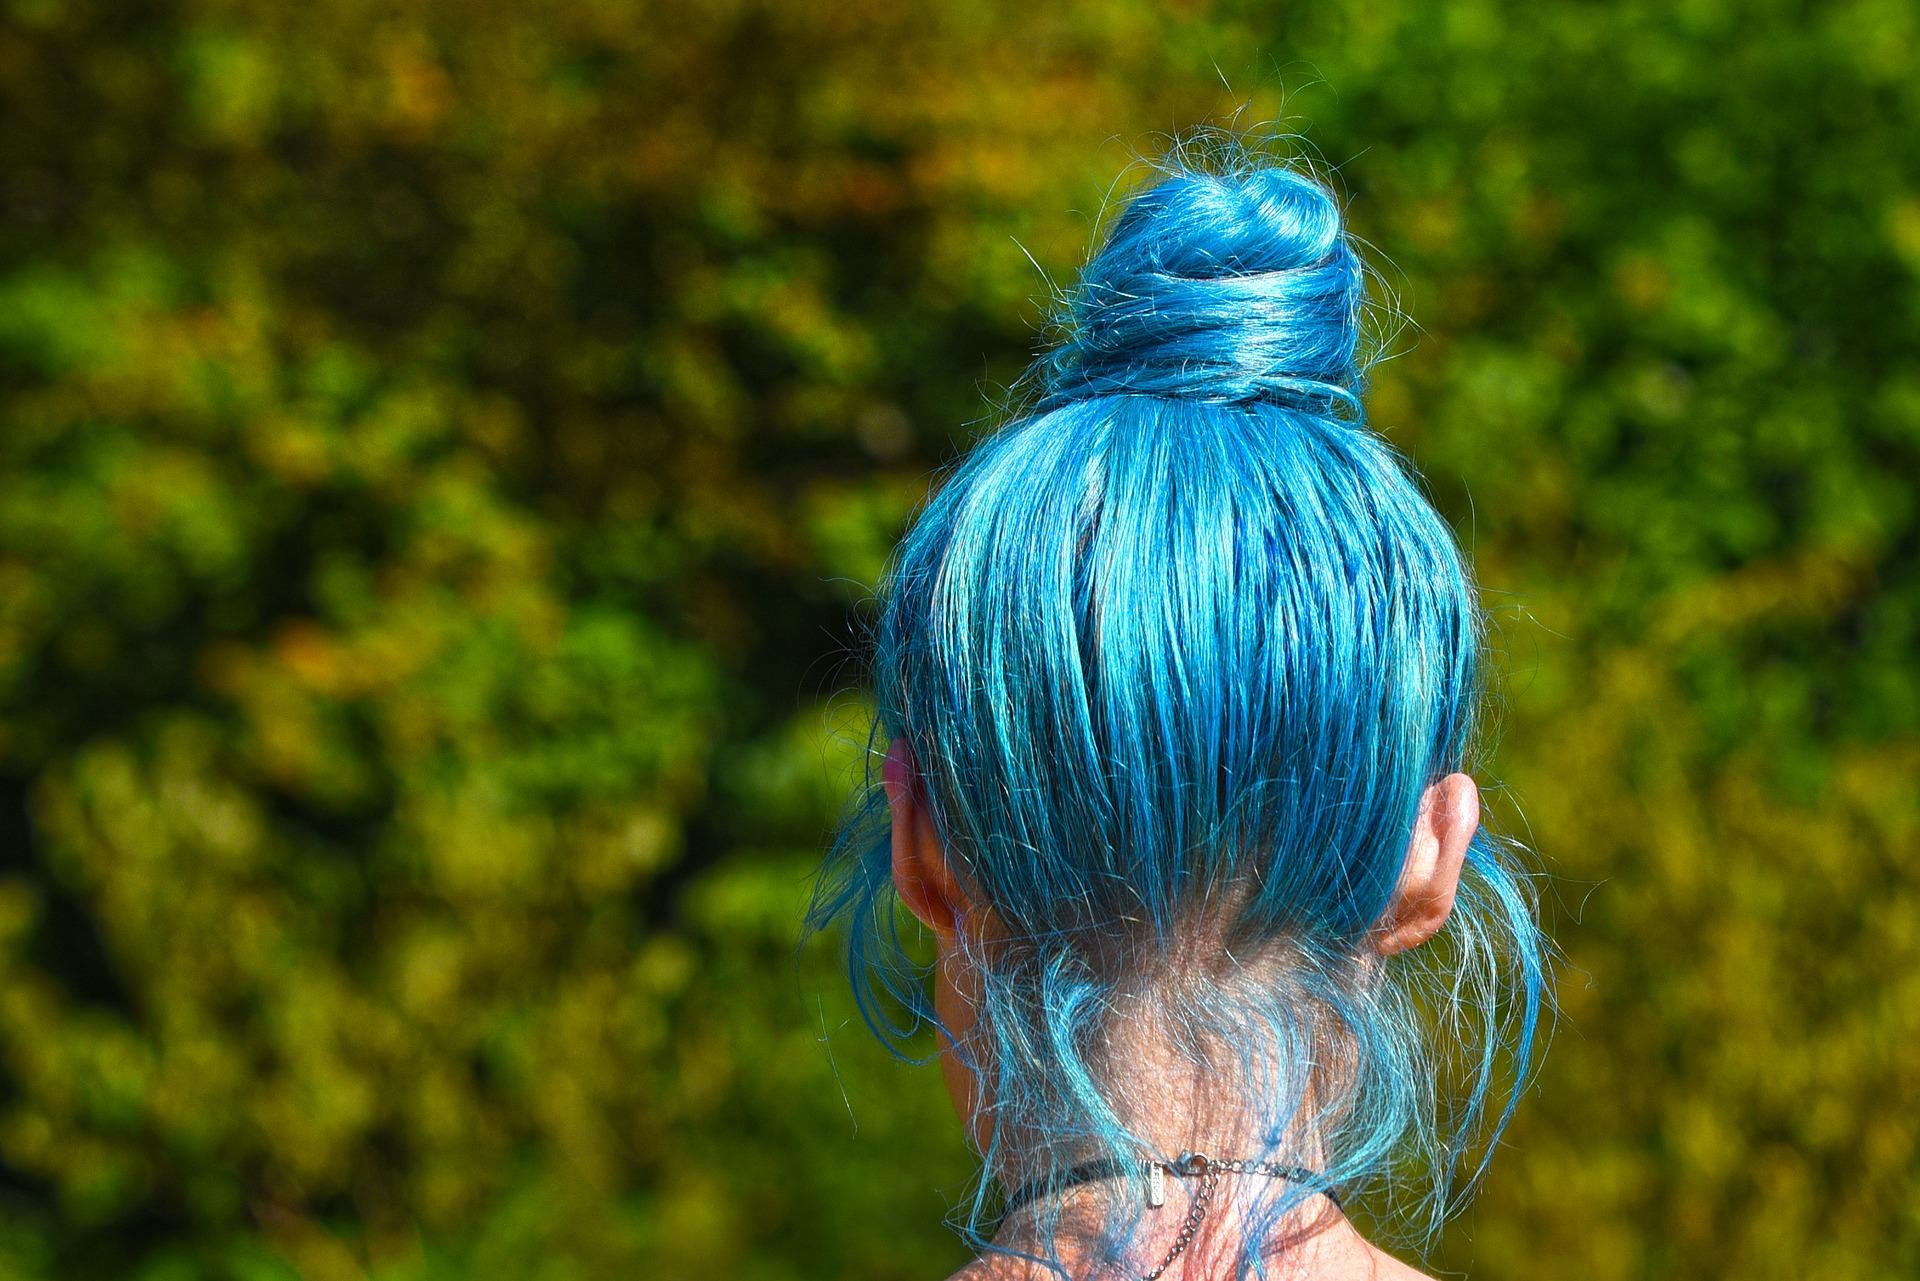 blue-coloured hair